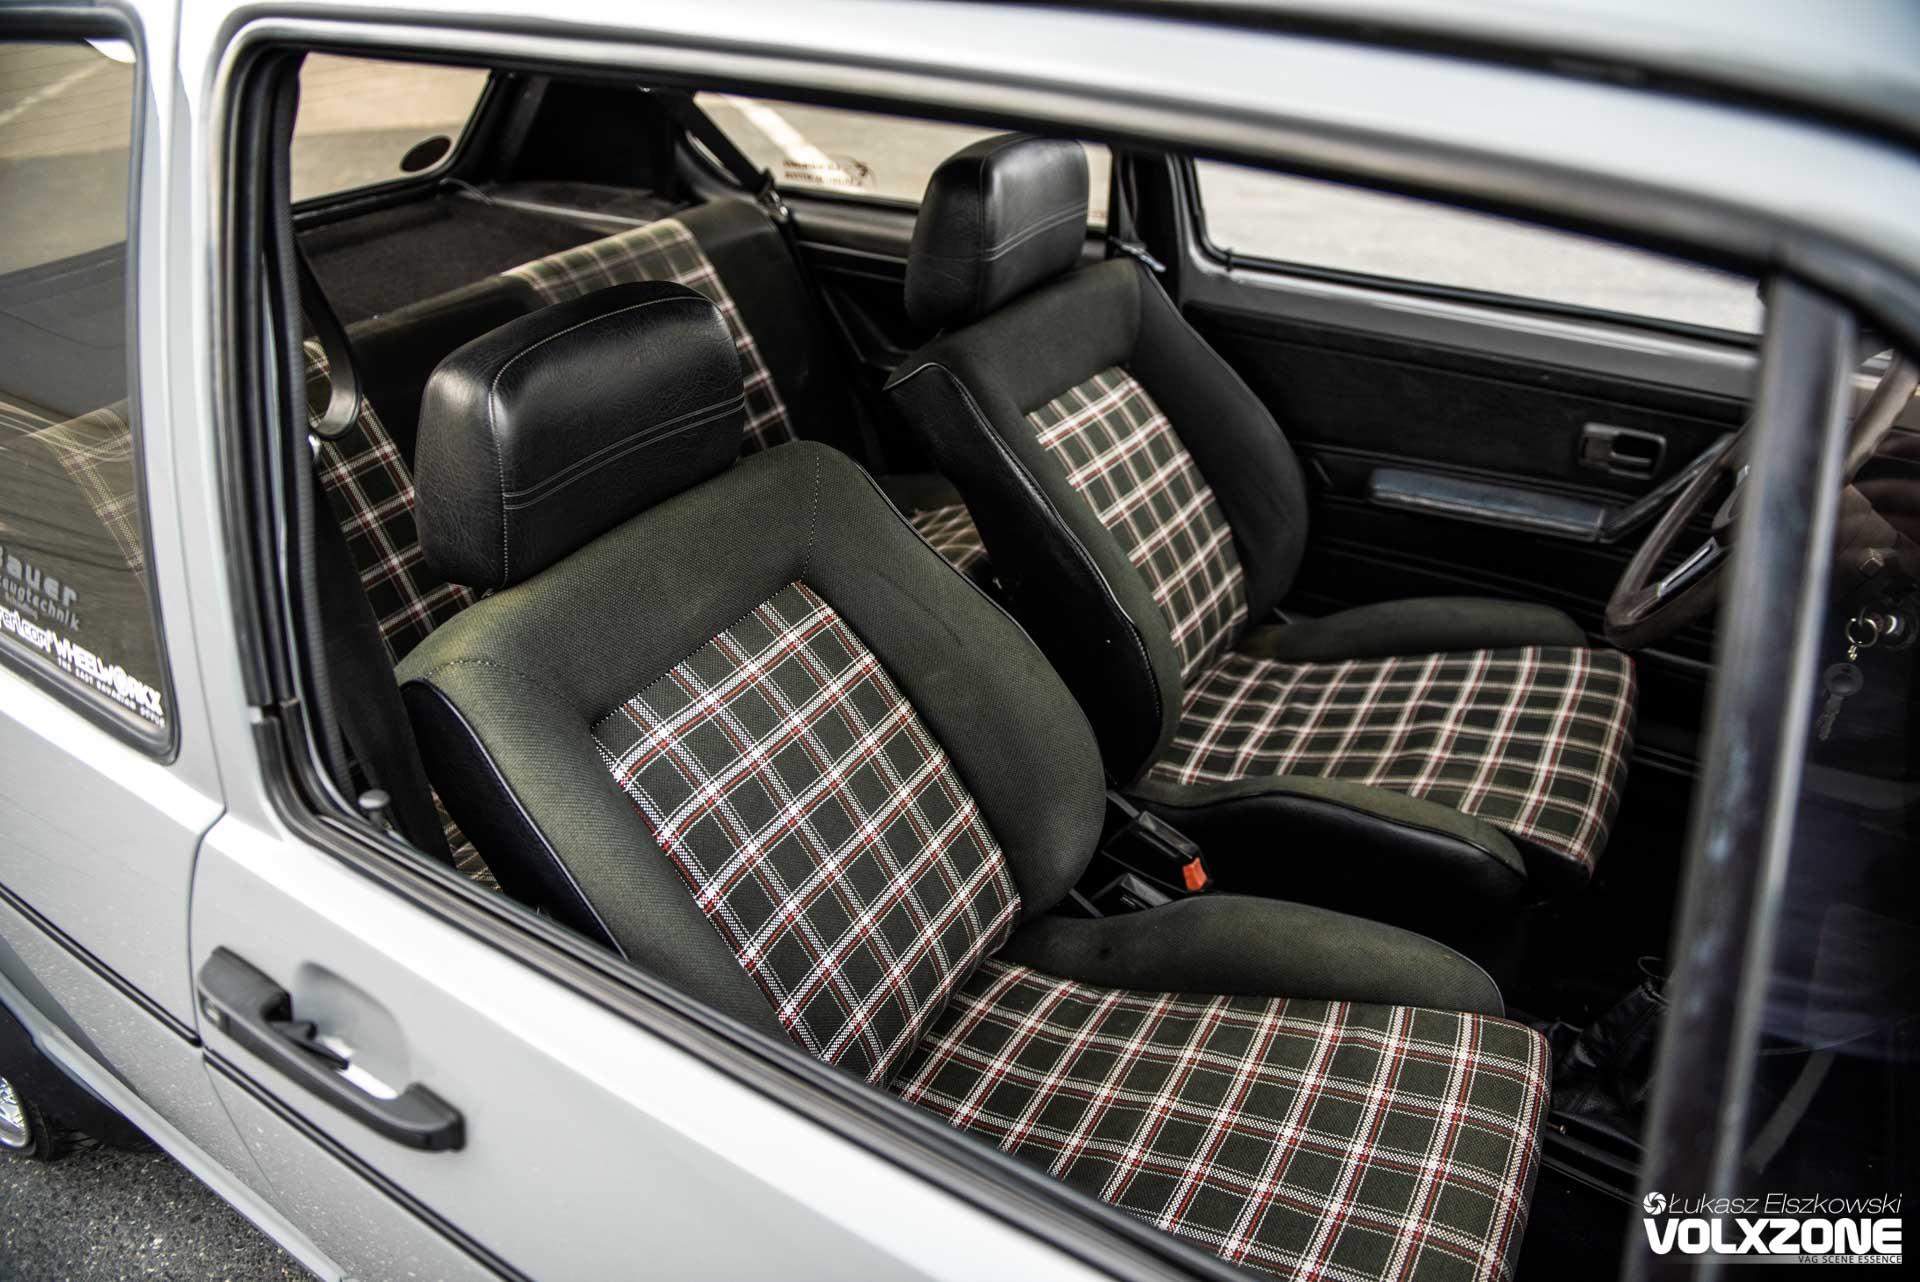 VW Golf MK1 Gepfeffert